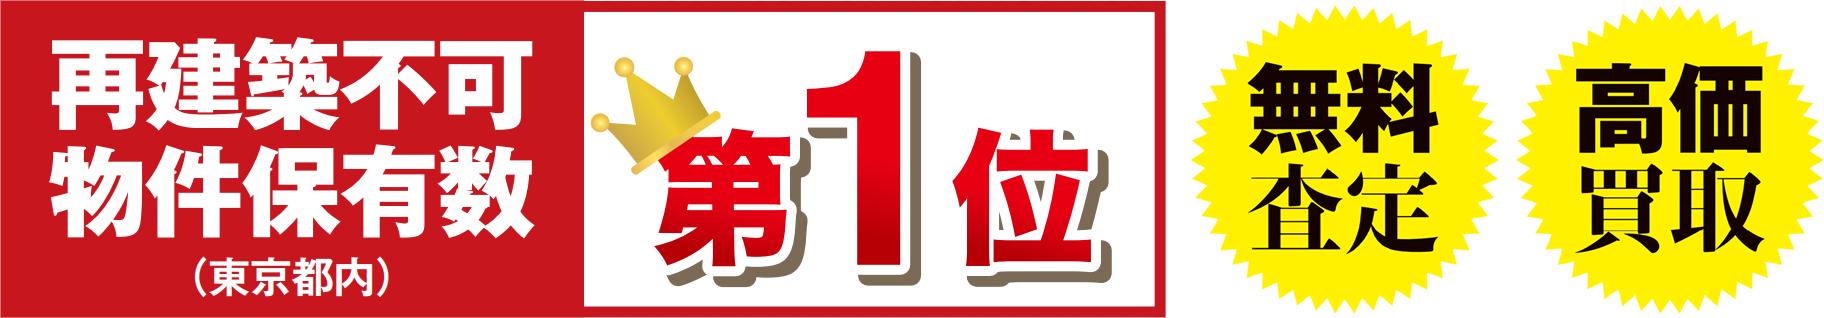 再建築不可物件保有数東京都内第1位